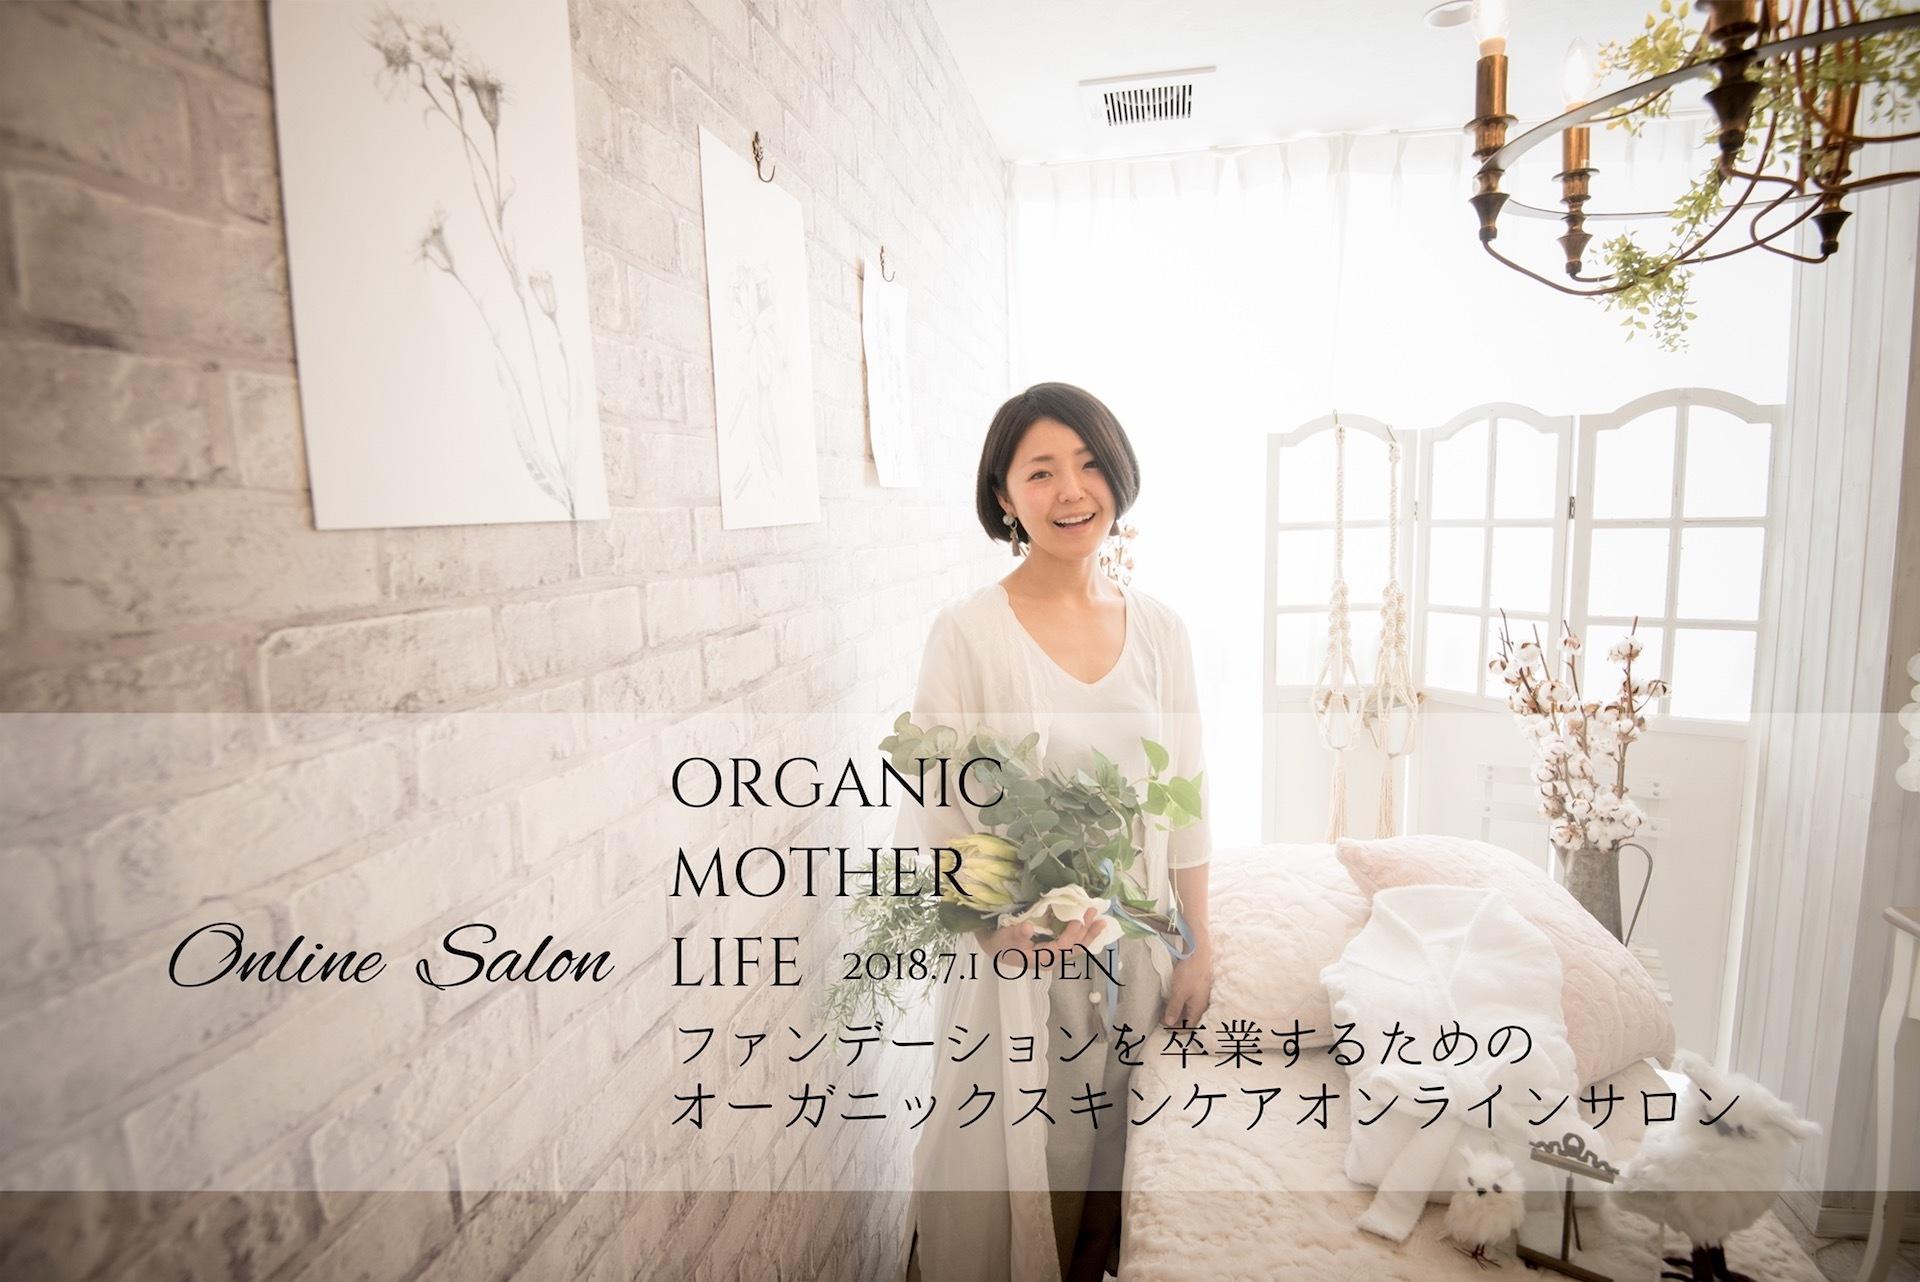 【新開設/8.1 GRAND OPEN】「ファンデーションを卒業する」ためのオーガニックスキンケア Online Salon